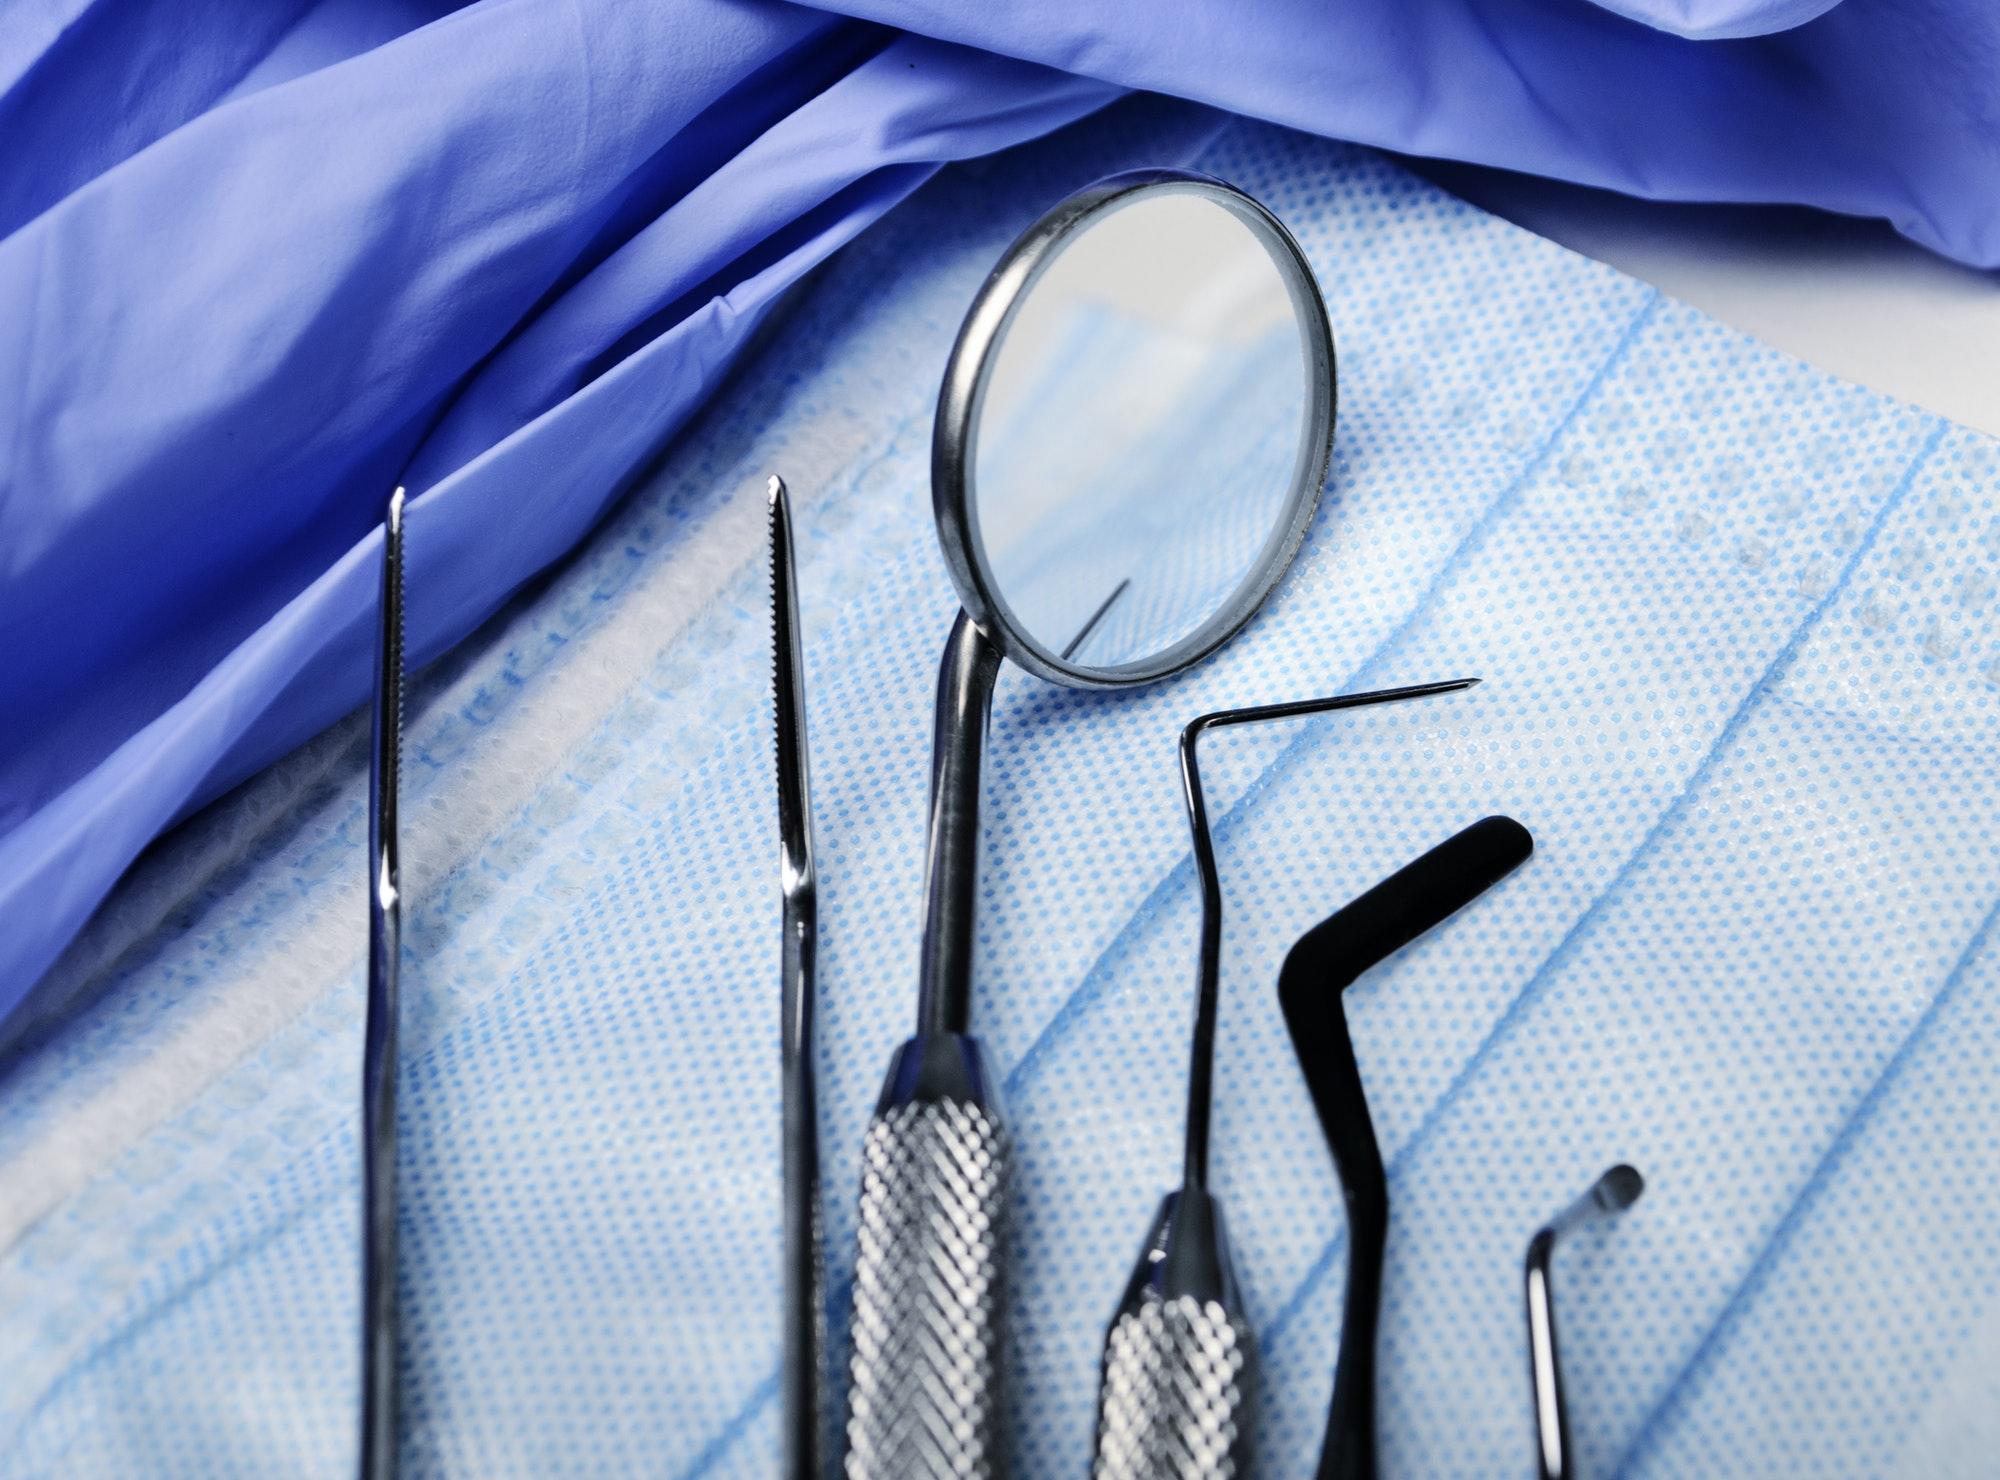 Tandlægeudstyr